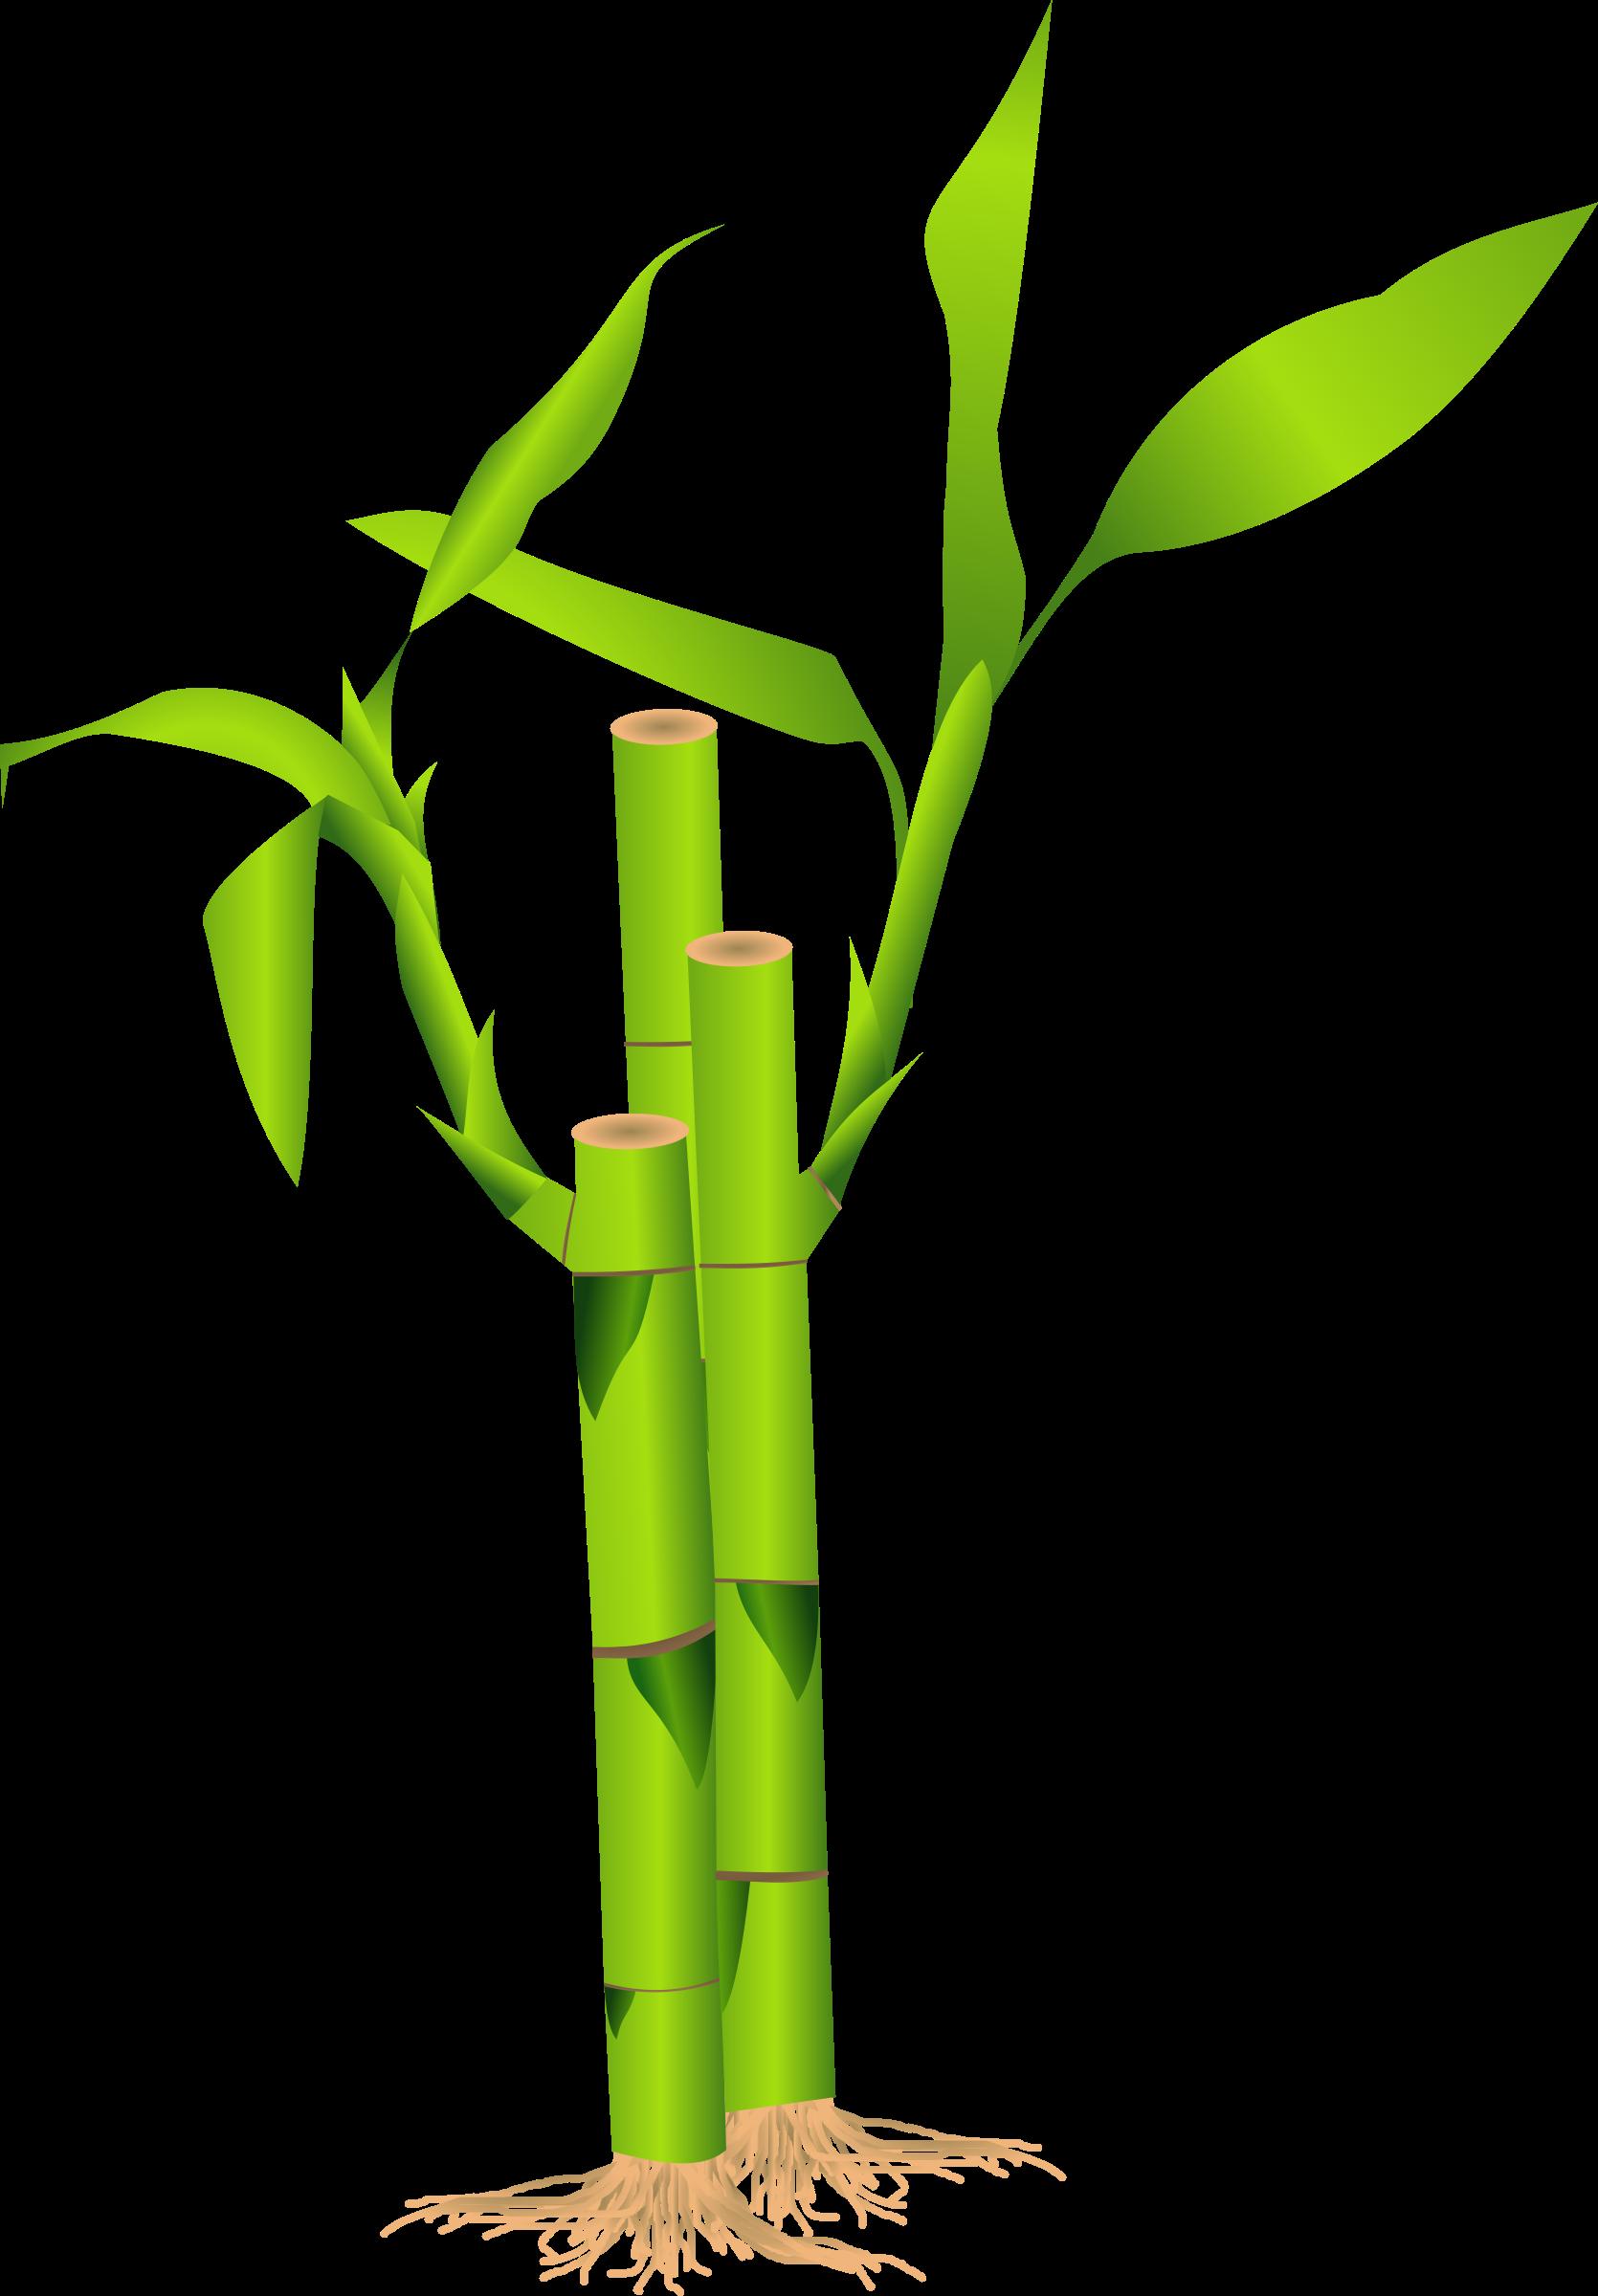 jpg royalty free Big image png. Bamboo clipart.